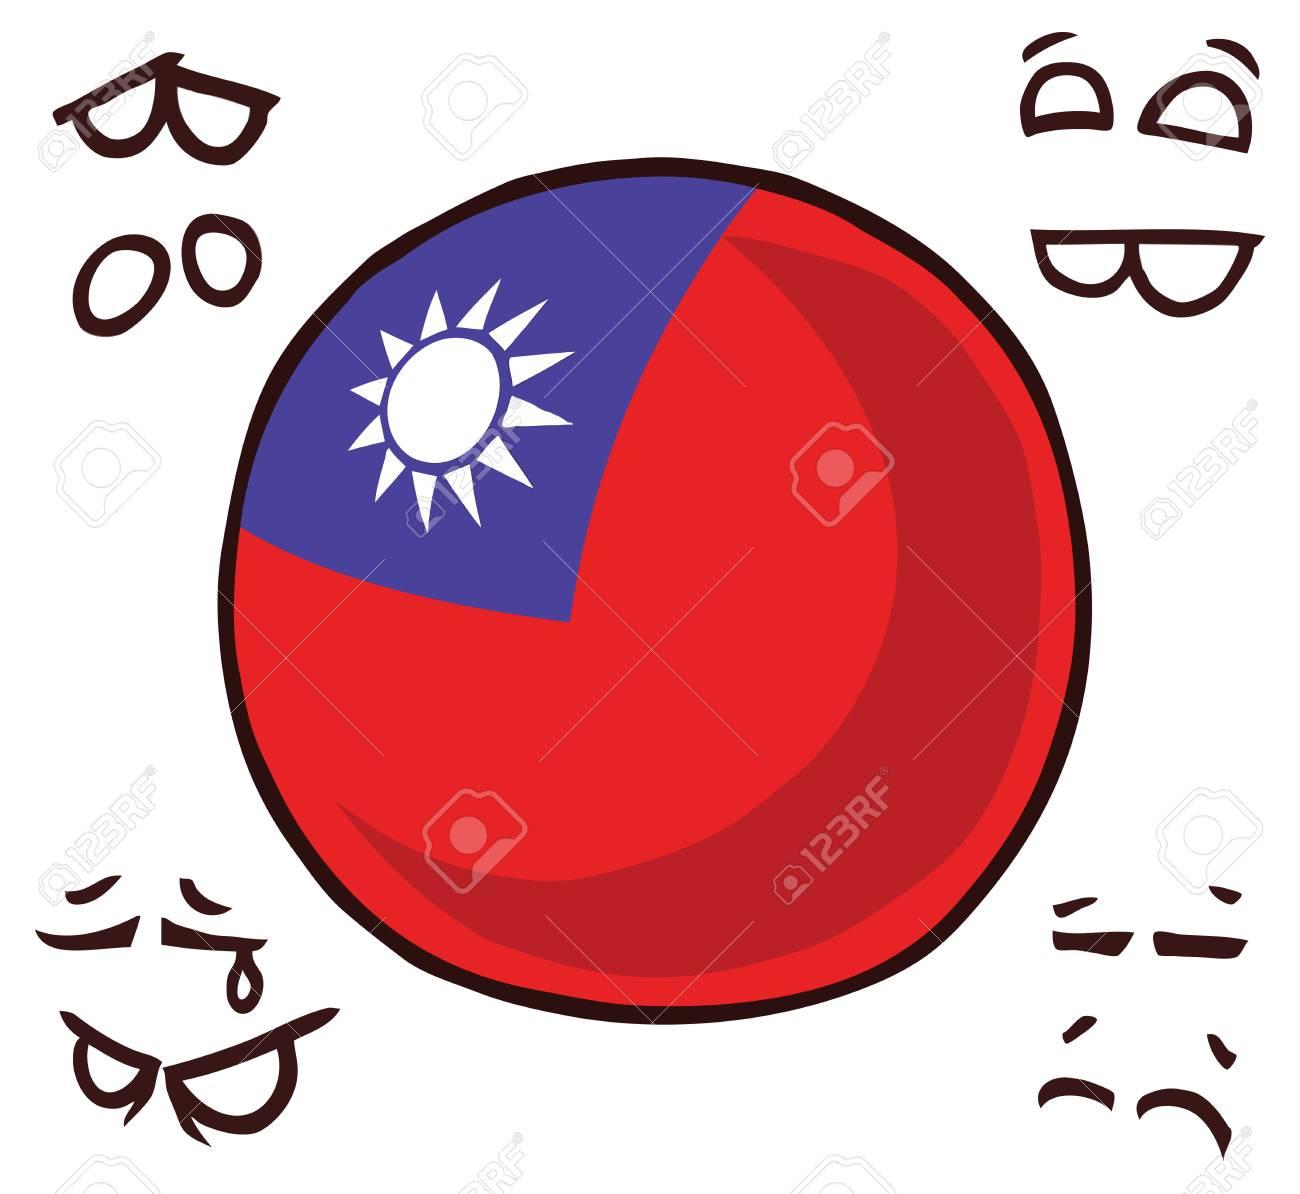 Taiwan country ball - 110847823